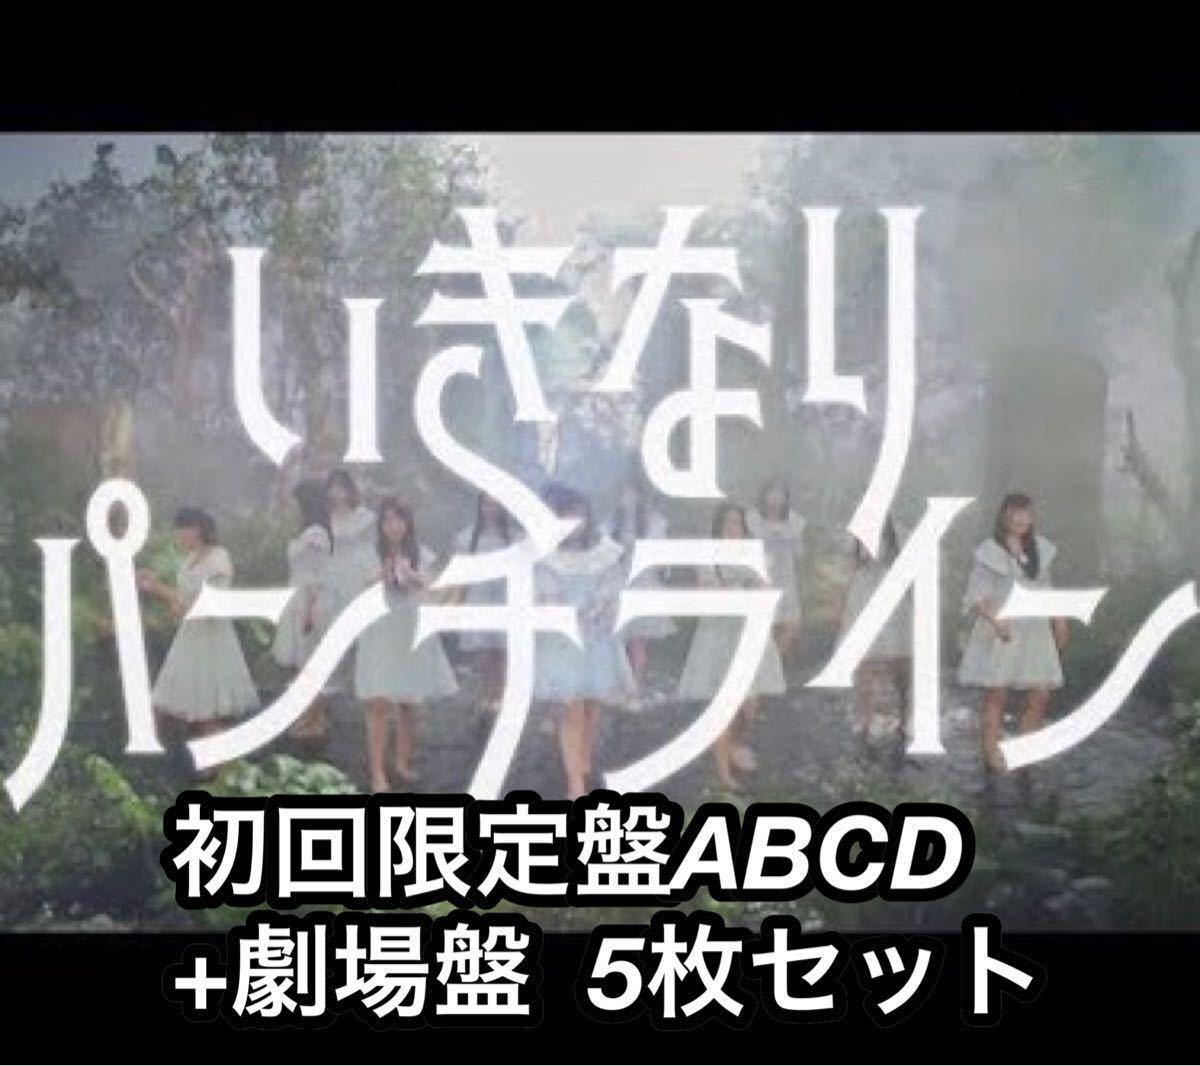 【生写真5枚付き】送料370円 SKE48 23rd いきなりパンチライン CD+DVD 初回限定盤ABCD 5枚セット 検(全国握手券